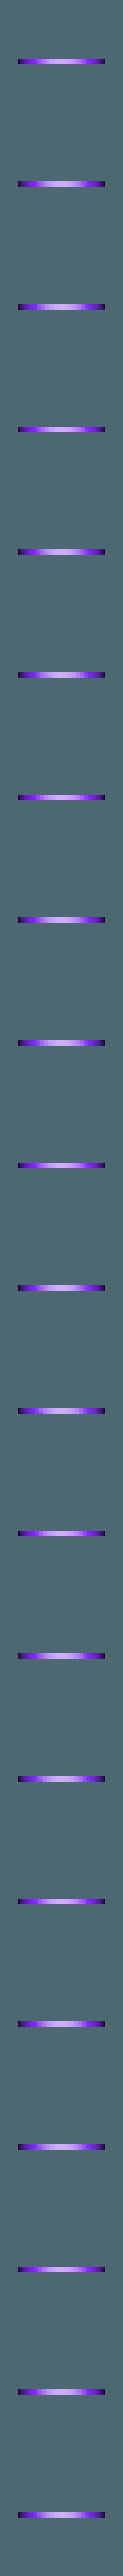 Symbol Insert, Hidden Symbol Iris Ring.STL Download free STL file Hidden Symbol Iris Ring • 3D printer model, potentprintables